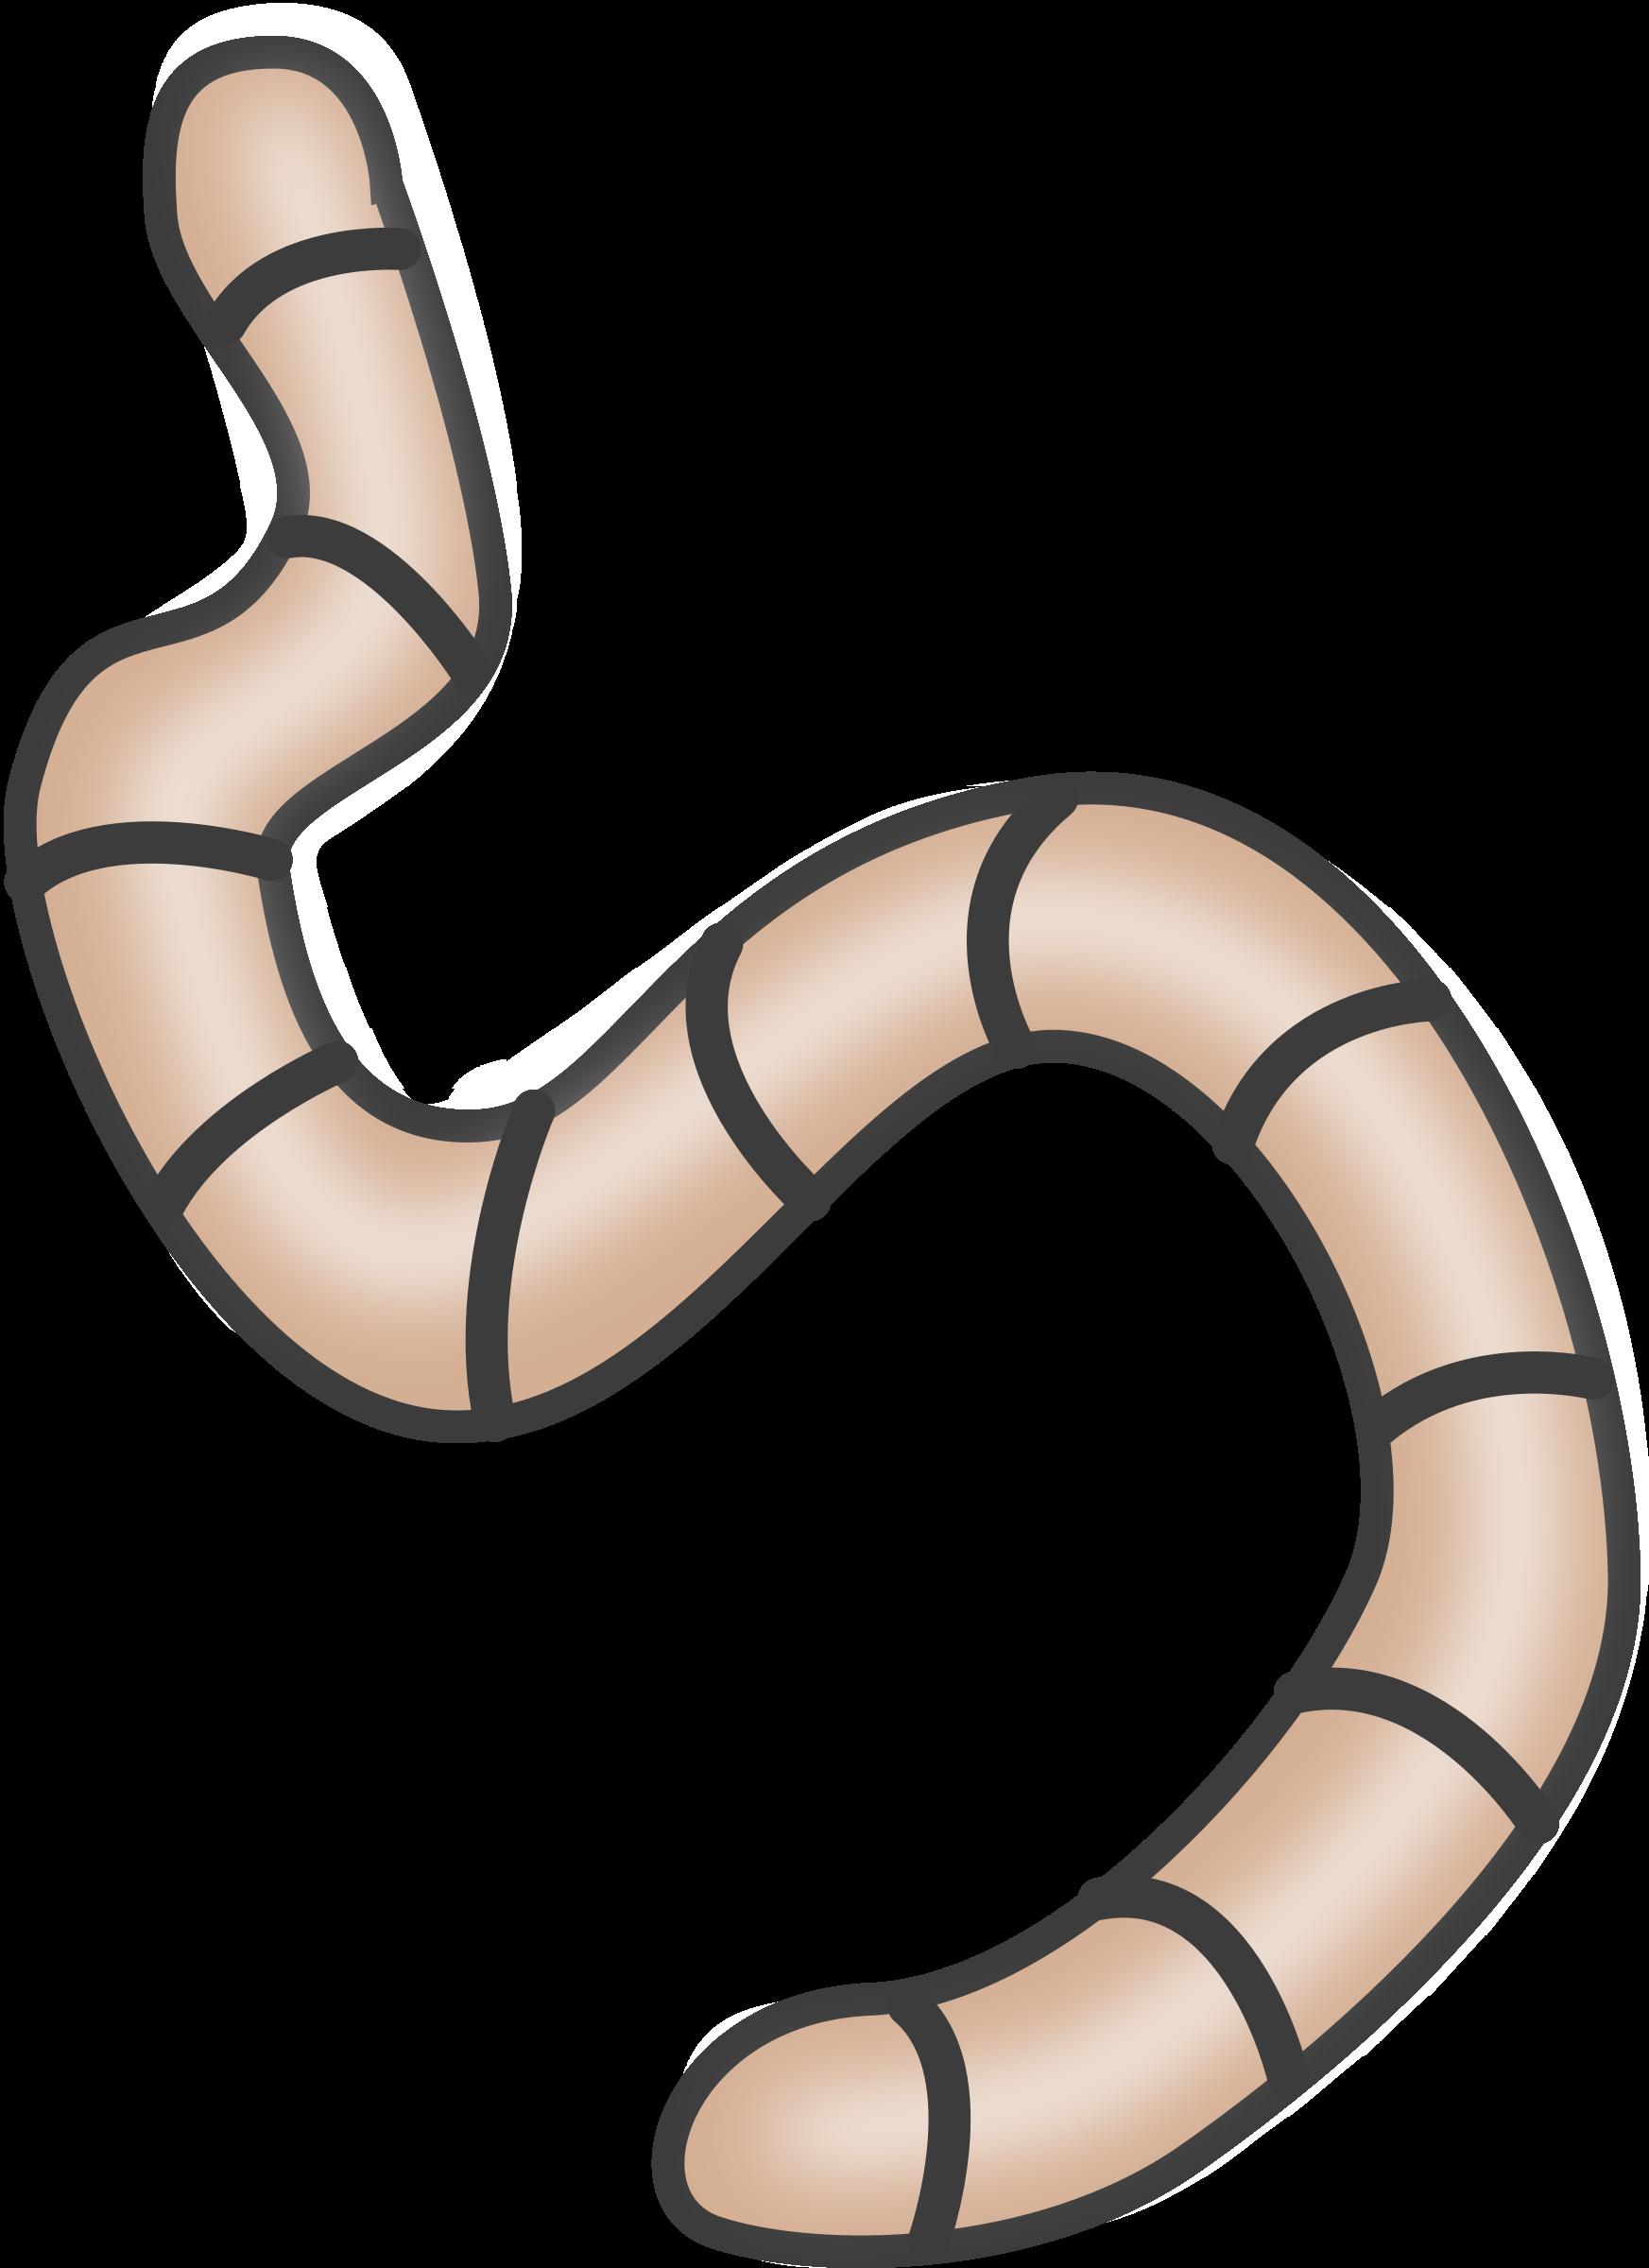 Boa constrictor cartoon clip. Snake clipart face